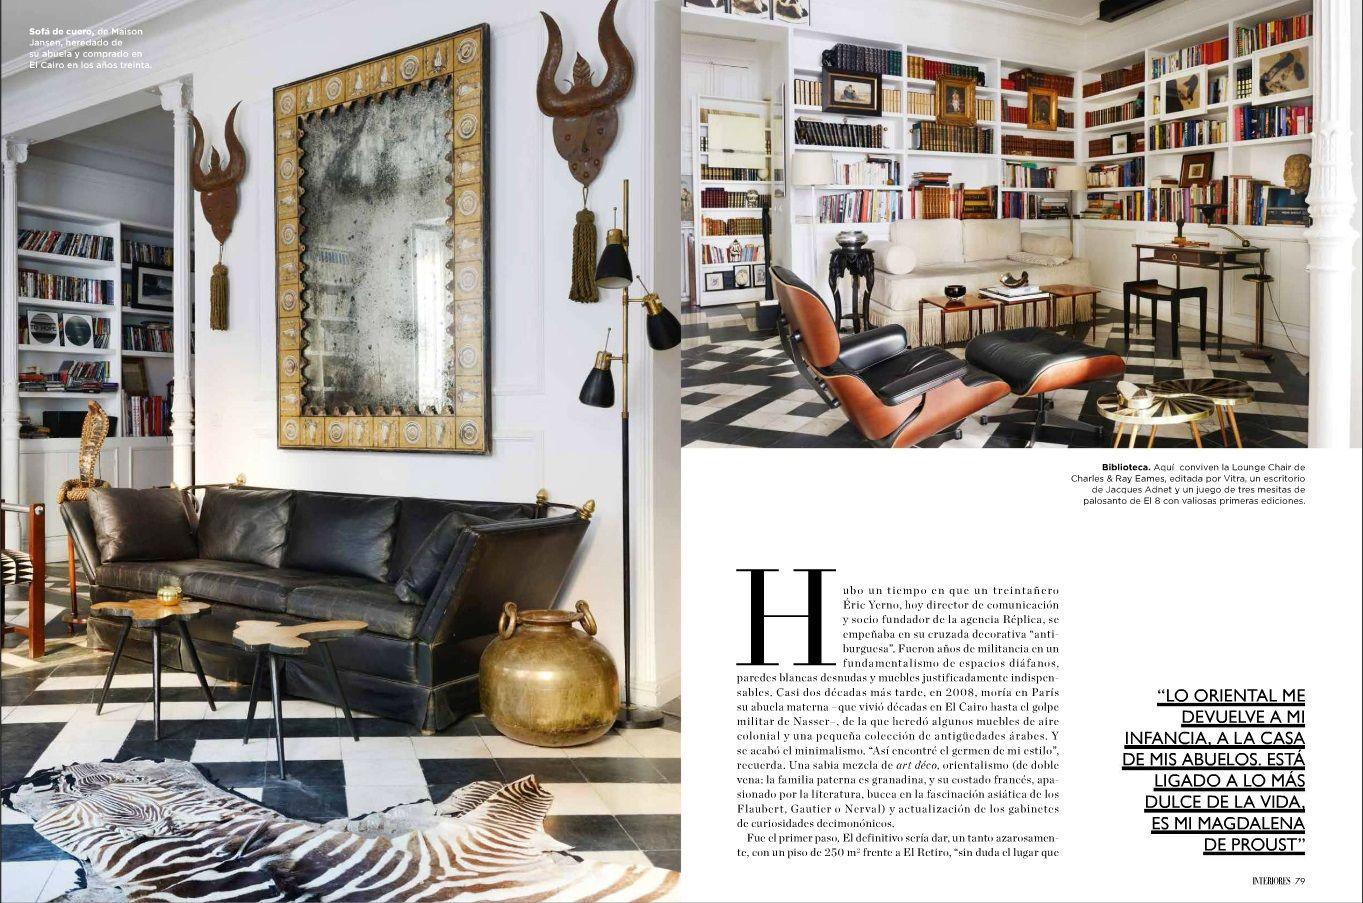 Revista Interiores Mes De Febrero Stlemelianrandolph Design Interiors Revista Interiores Interiores Revistas